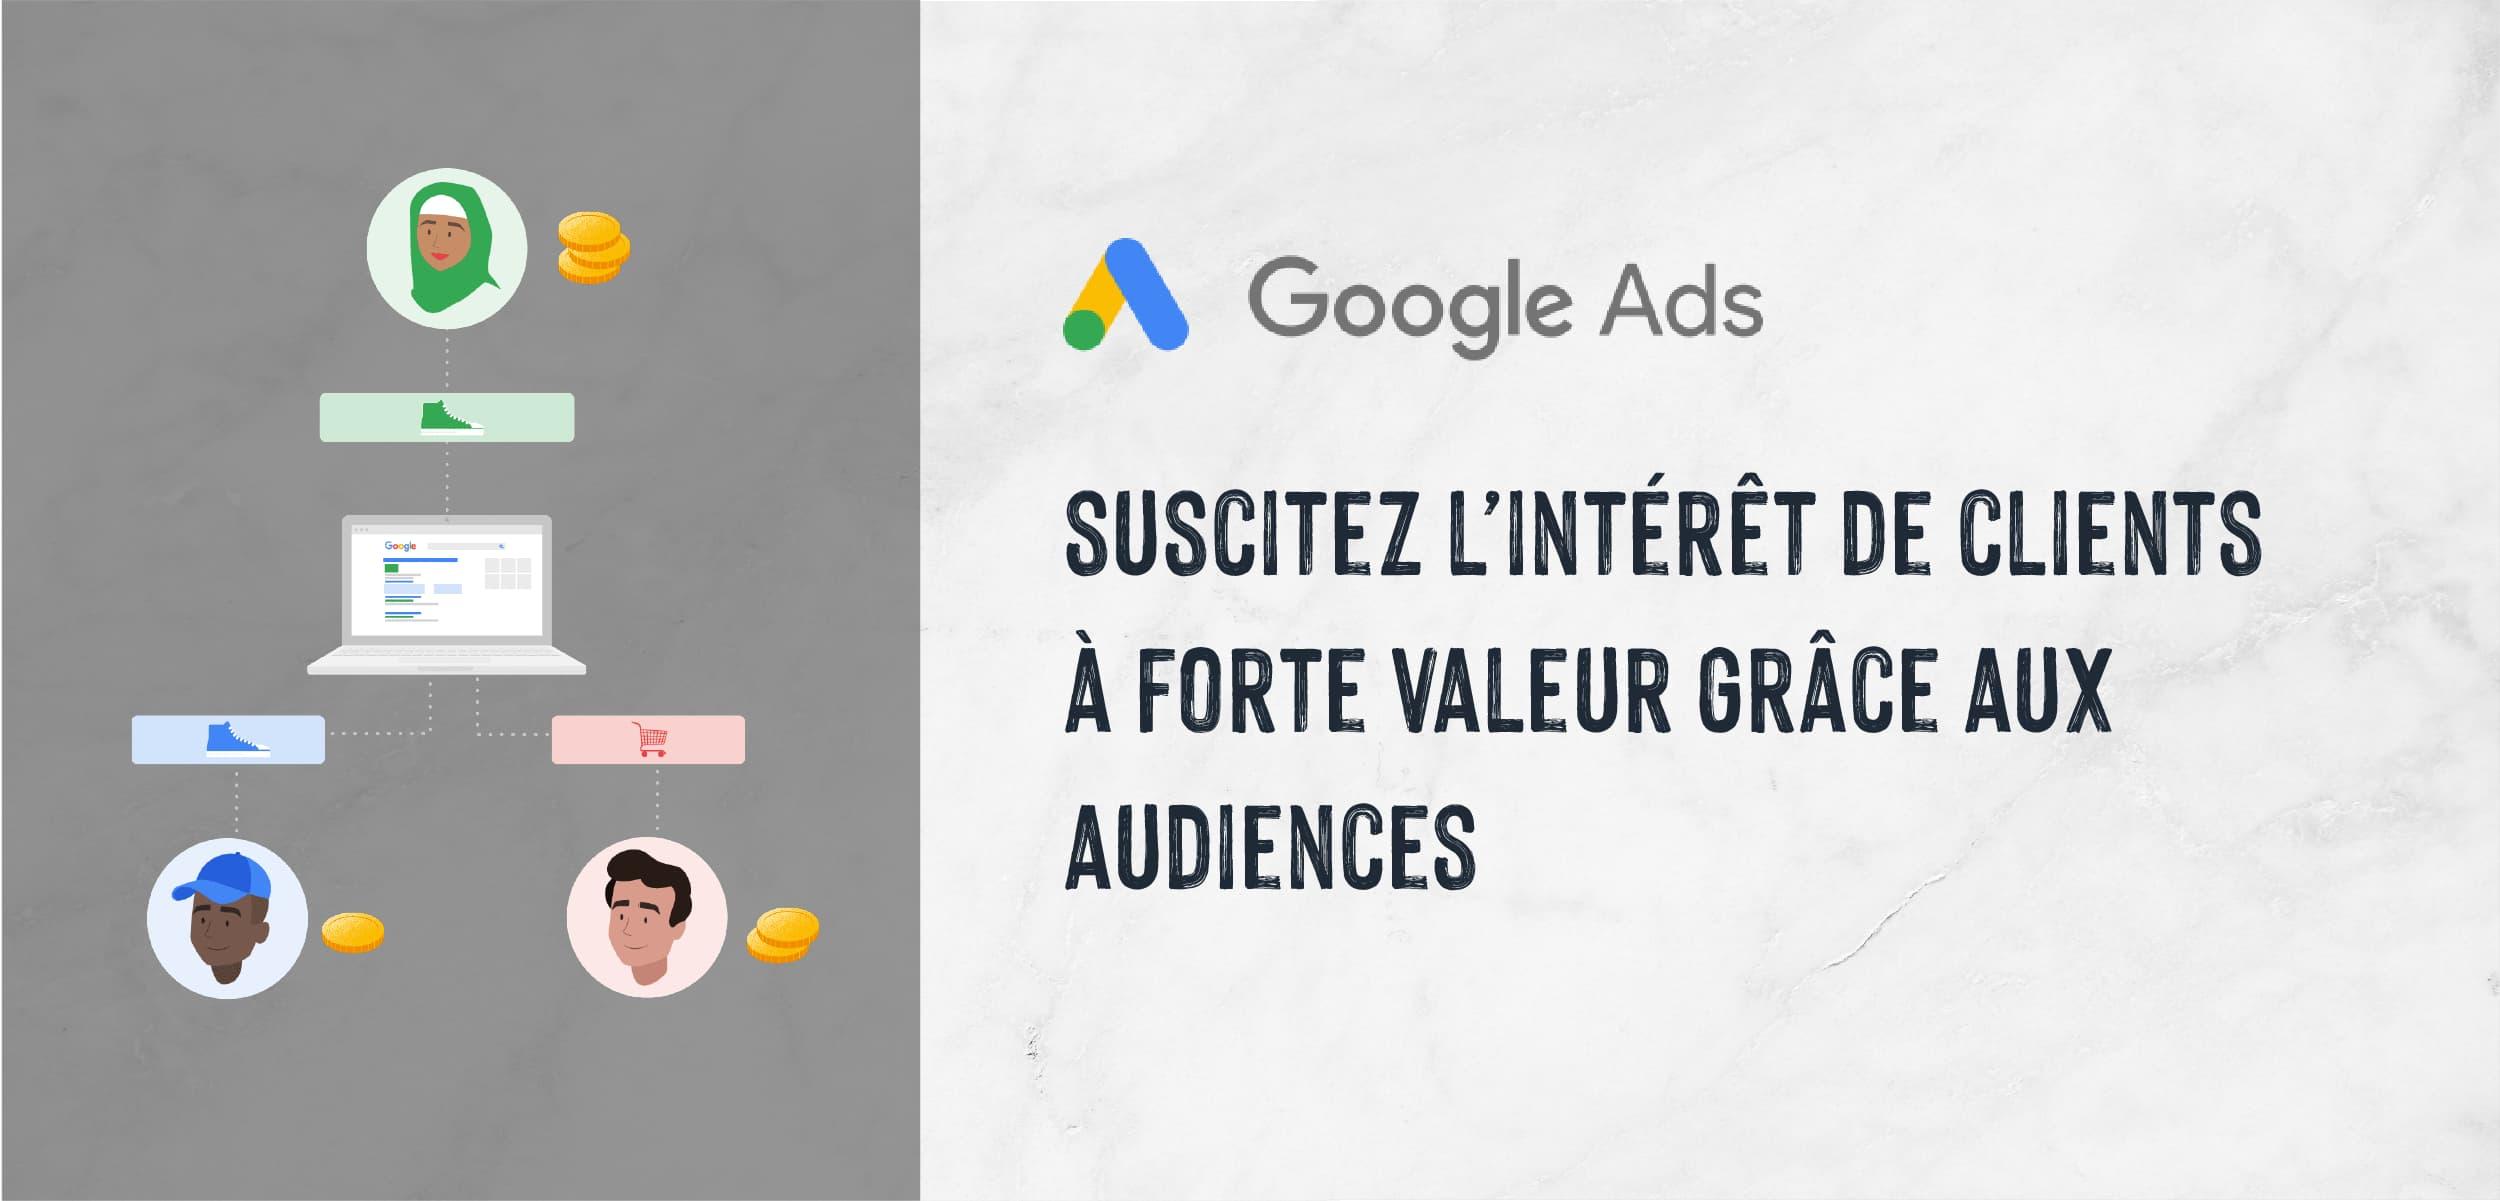 |Search Ads| Suscitez l'intérêt de clients à forte valeur grâce aux audiences